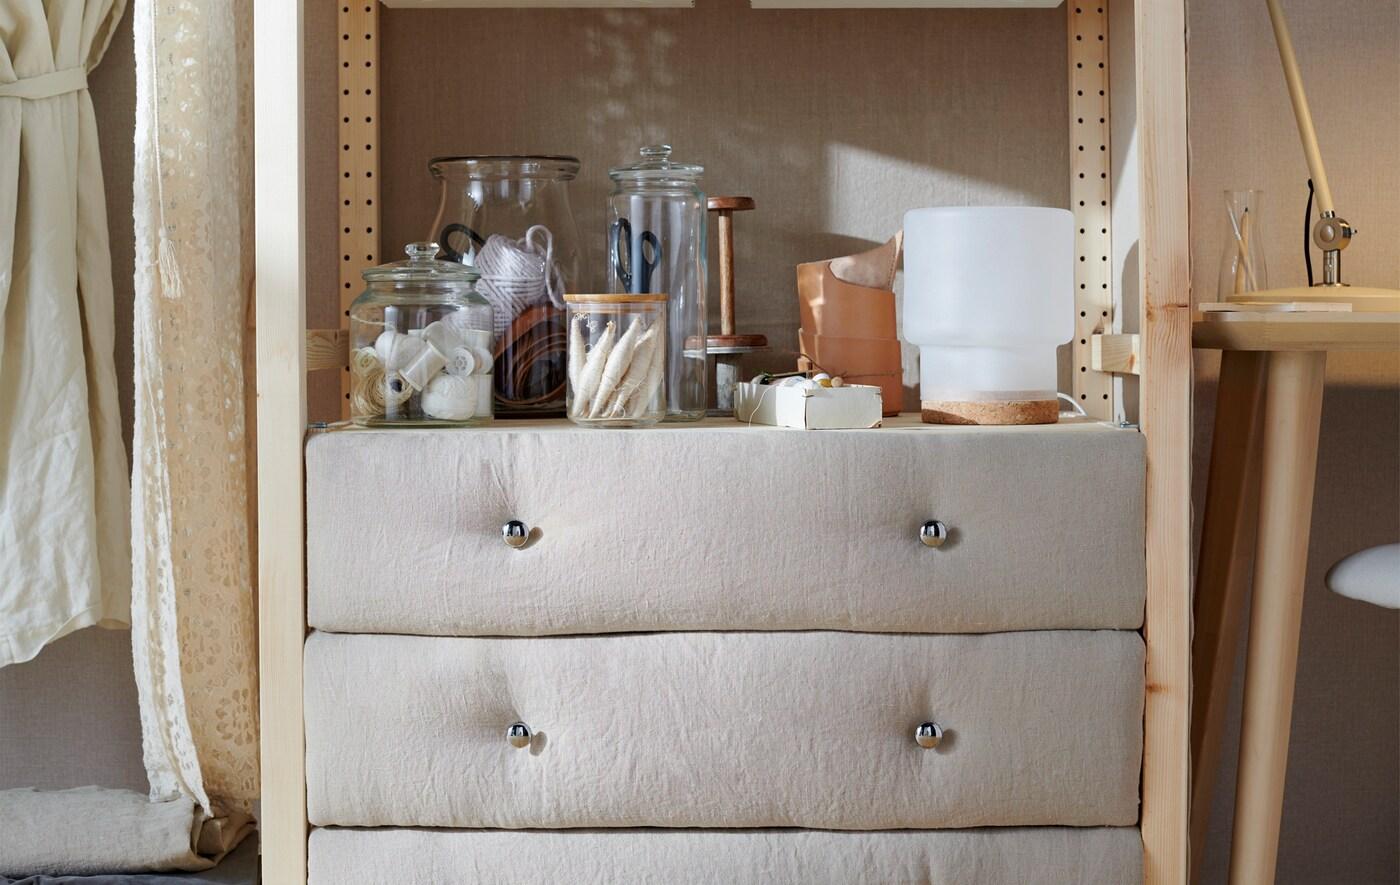 Personalizza la tua cassettiera rivestendola in tessuto e utilizzala per organizzare l'occorrente per i tuoi hobby. Scopri la cassettiera con 3 cassetti IVAR di IKEA, in pino massiccio grezzo.